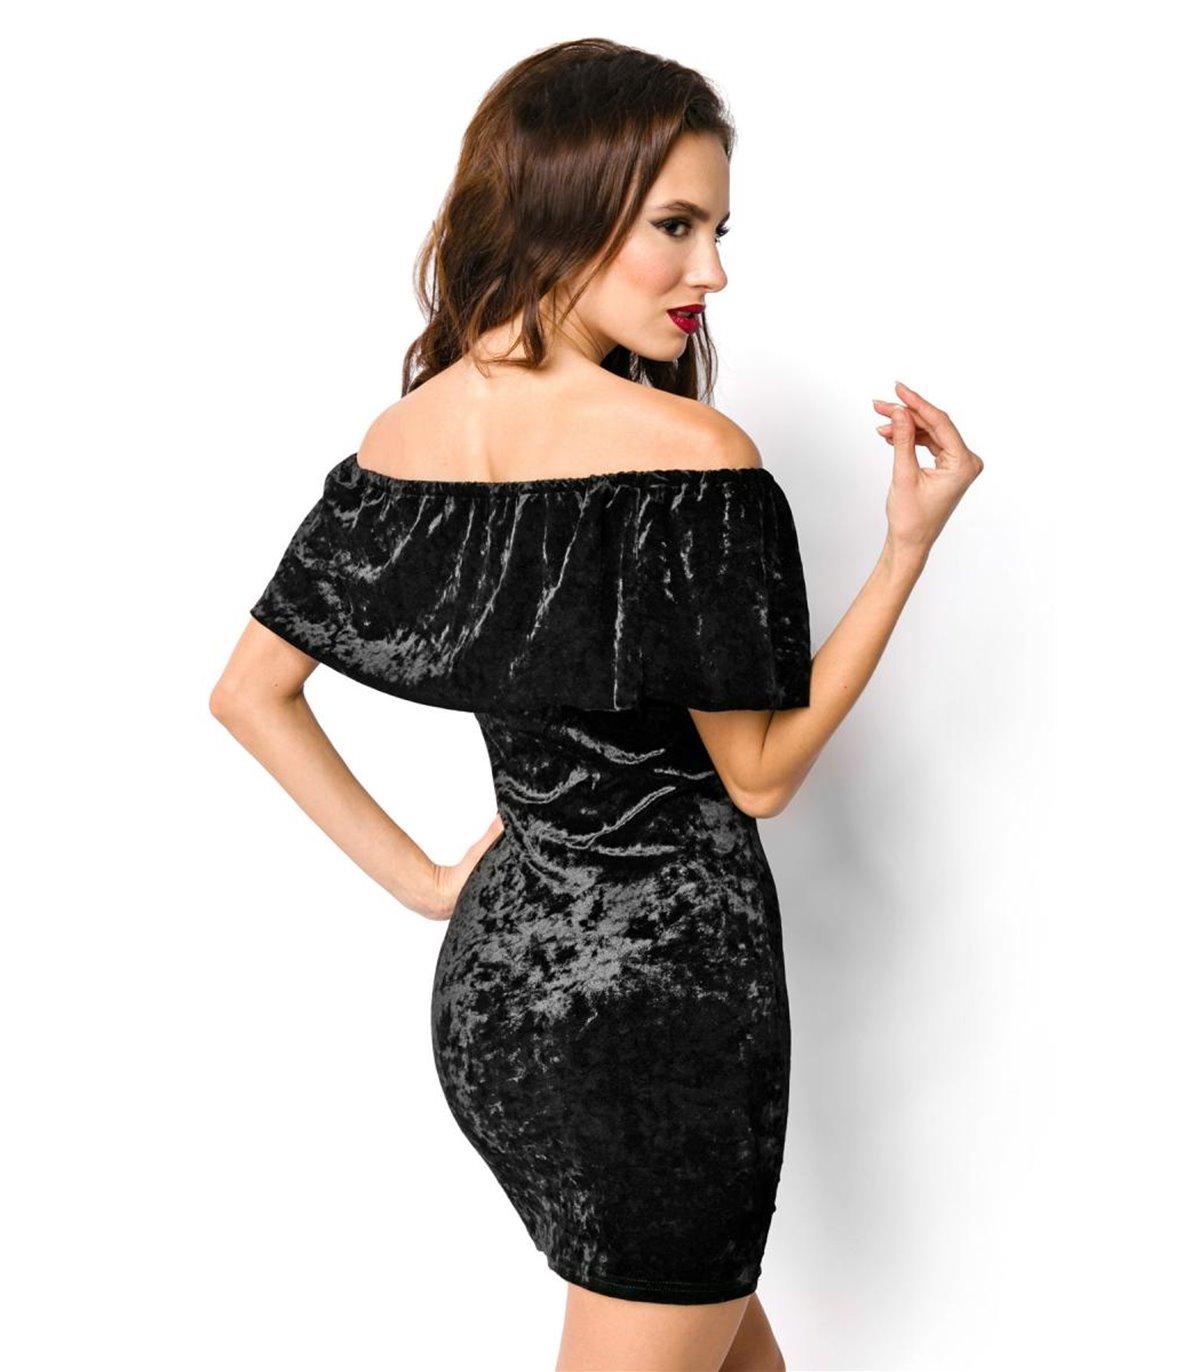 Atixo Samtkleid schwarz - kurze Kleider online günstig kaufen